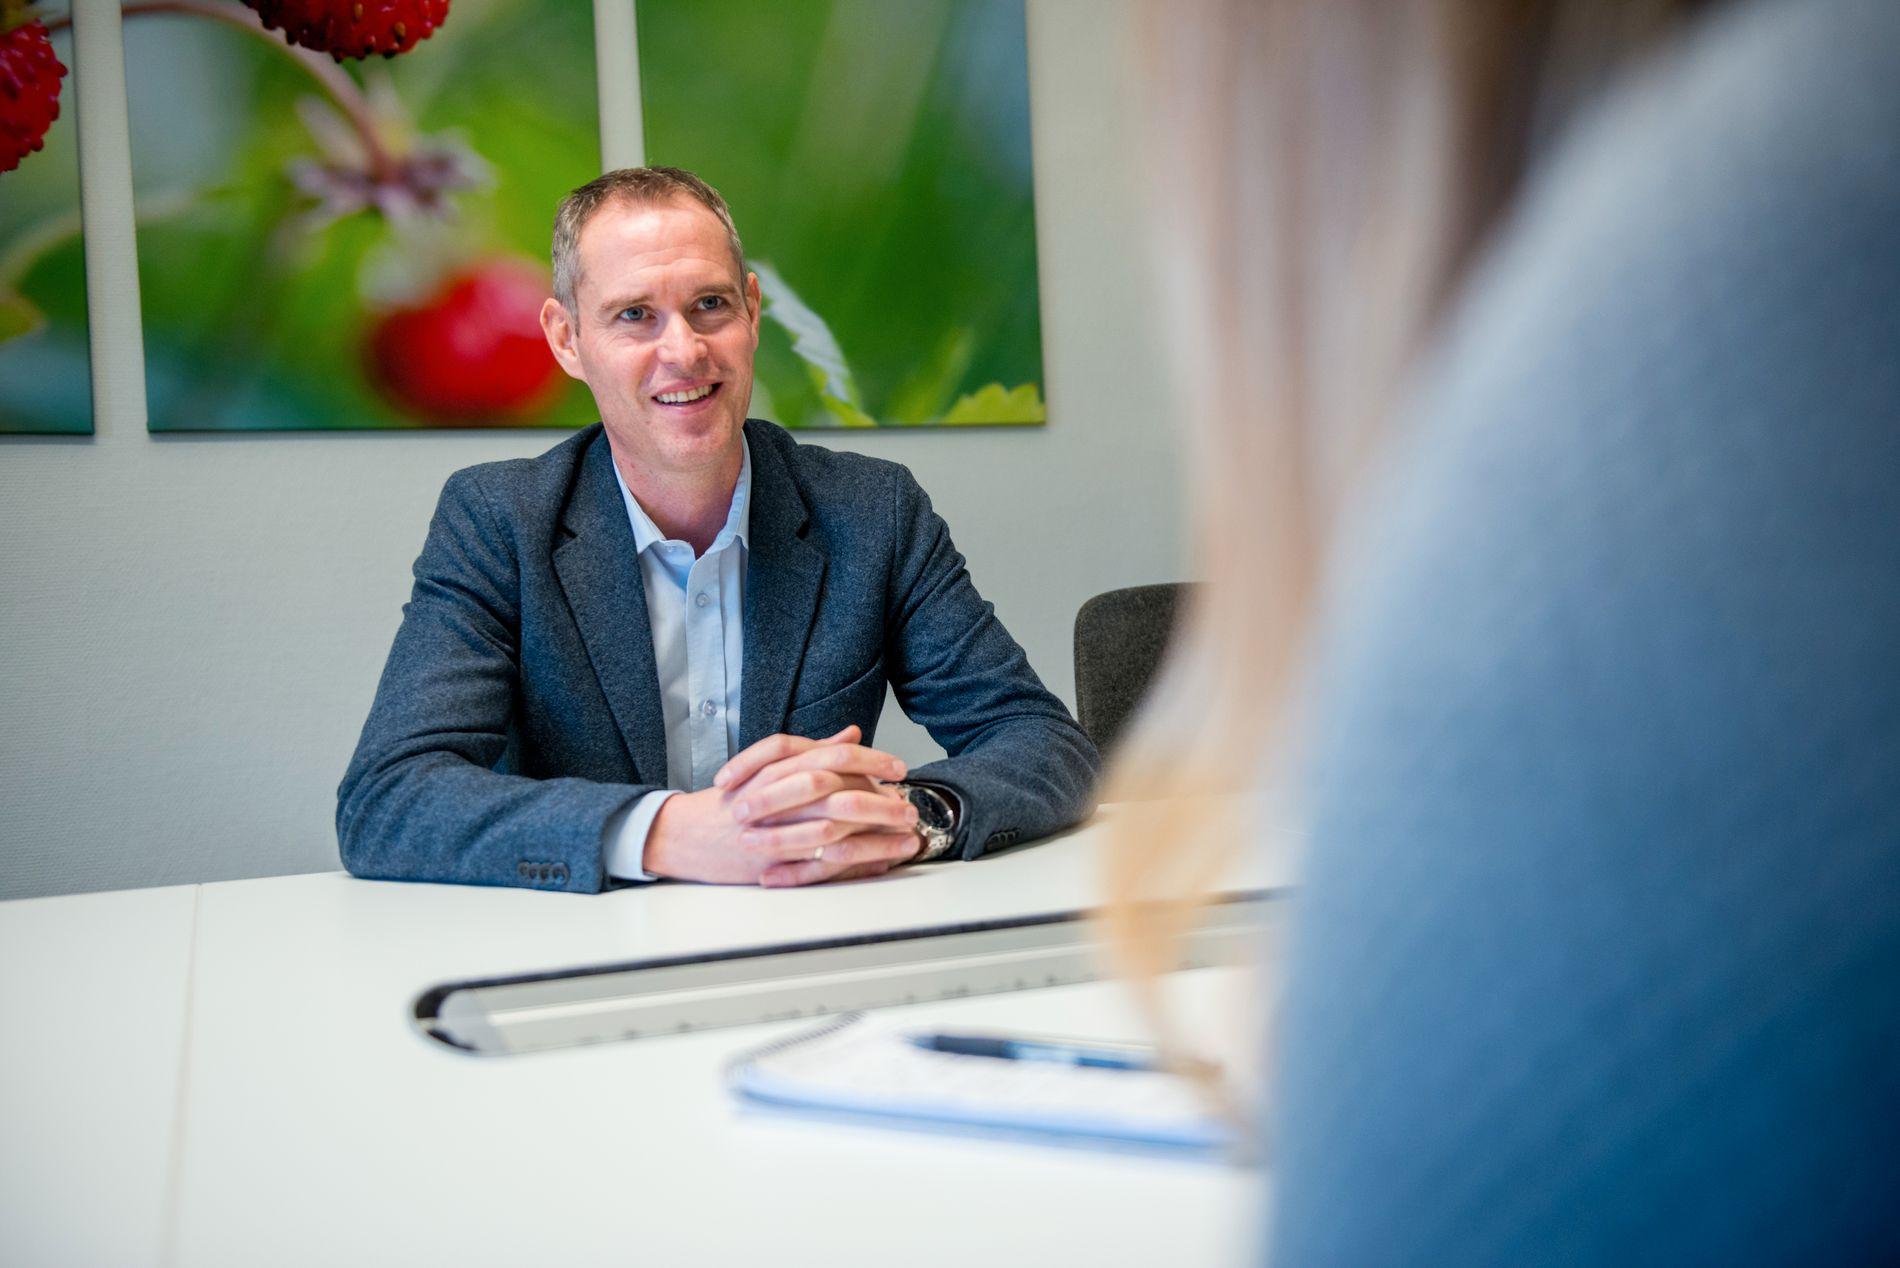 Banksjef for personmarked i Landkreditt Lars Johannessen mener nordmenn bør sette av penger som om boliglånsrenten var fem prosent.